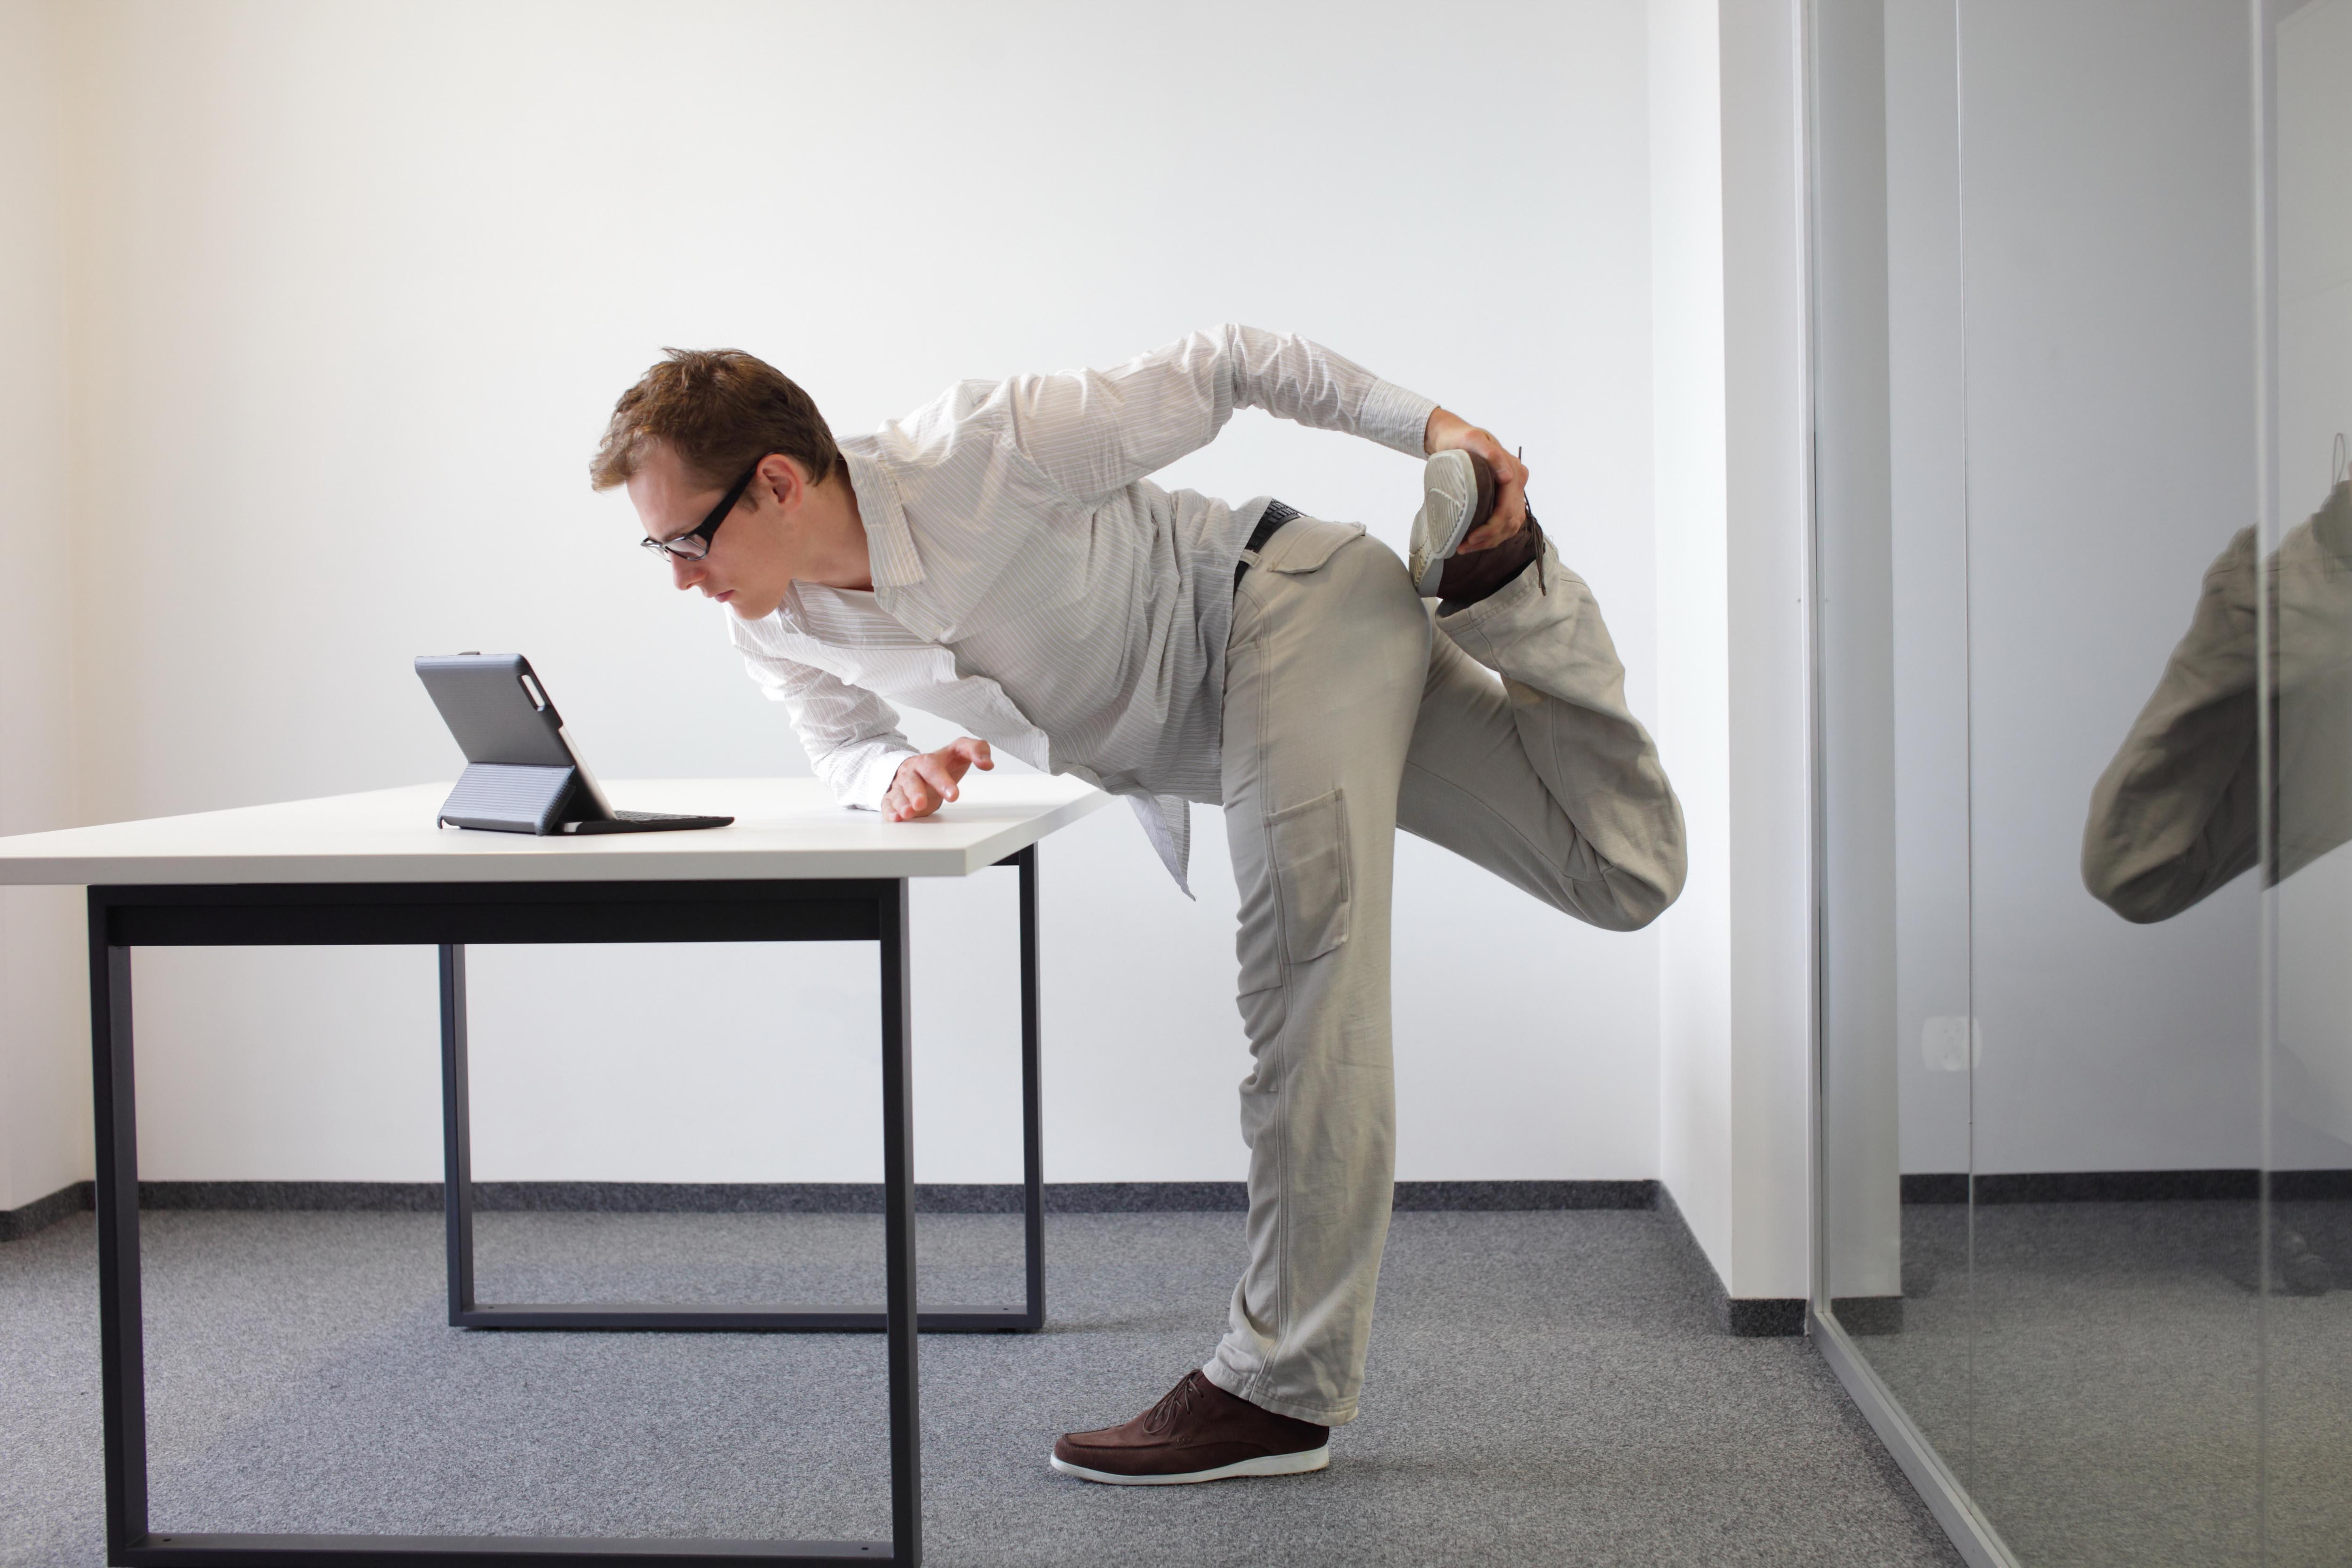 Tres ejercicios para contrarrestar el danõ de pasar sentado en el trabajo